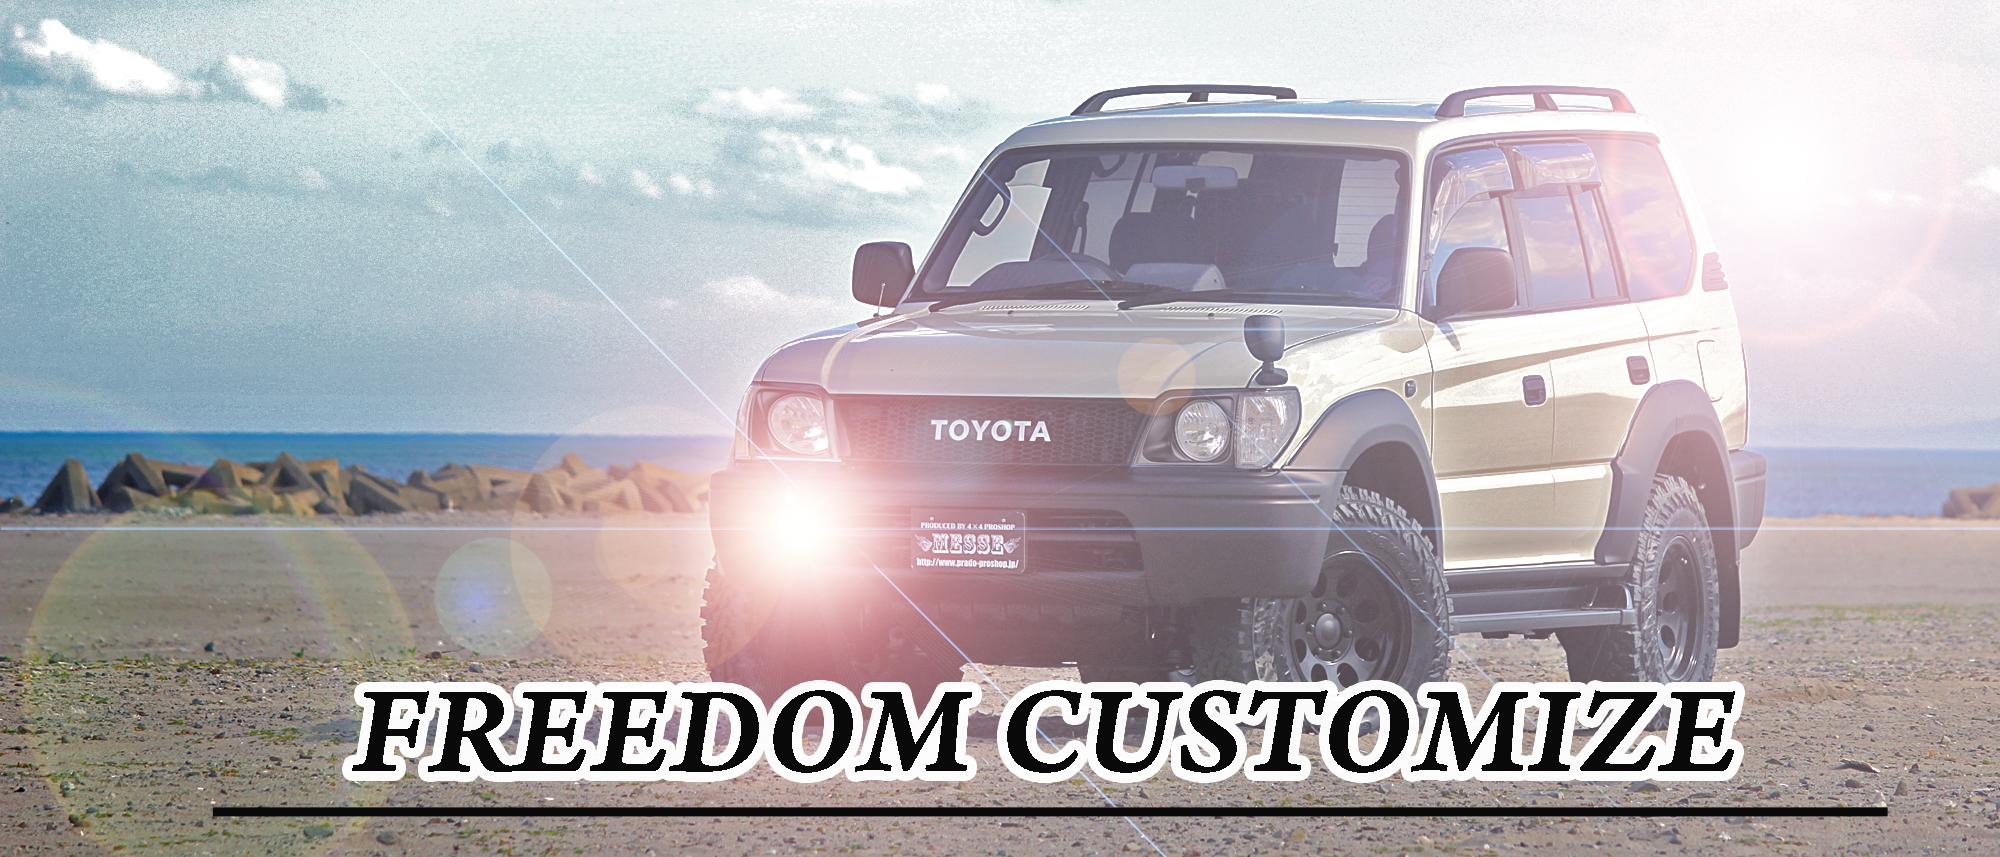 NEO95PRADO-FREEDOM